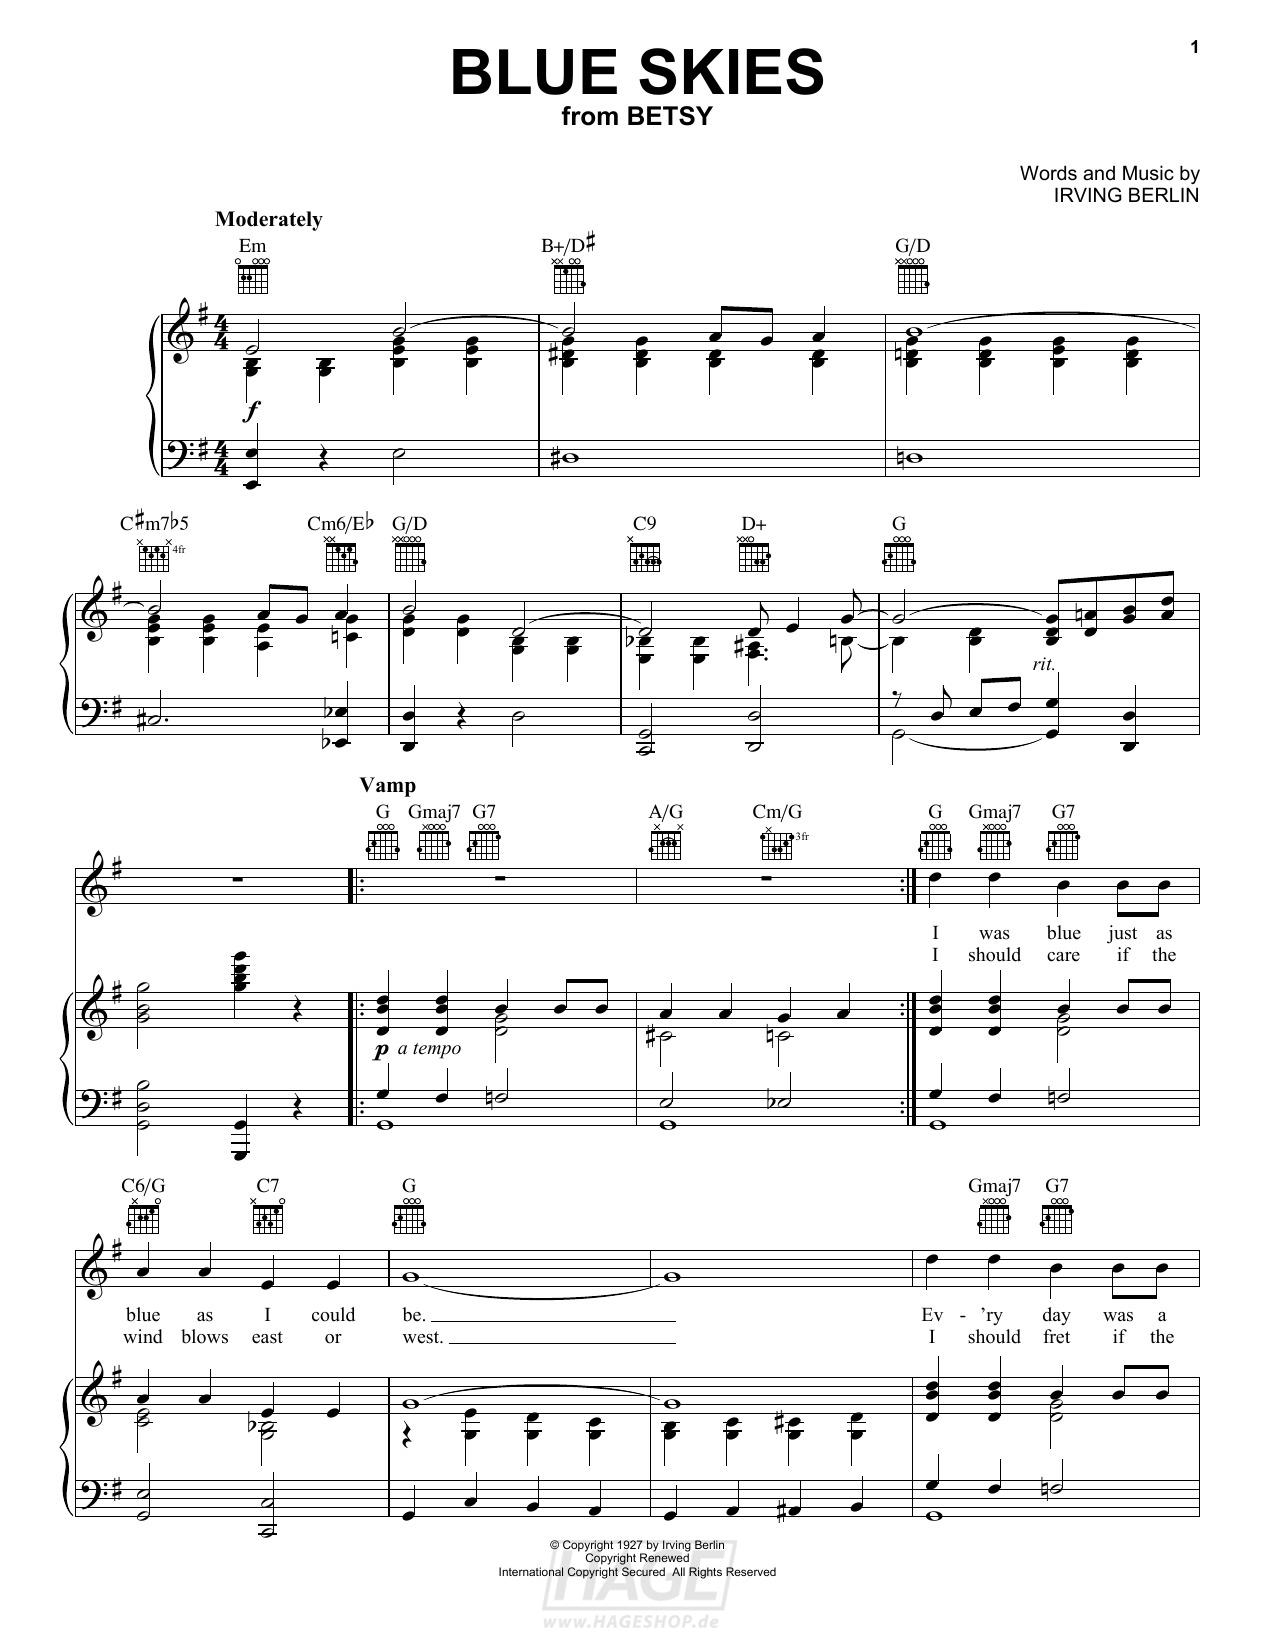 Blue Skies - Frank Sinatra - Noten Druckvorschau